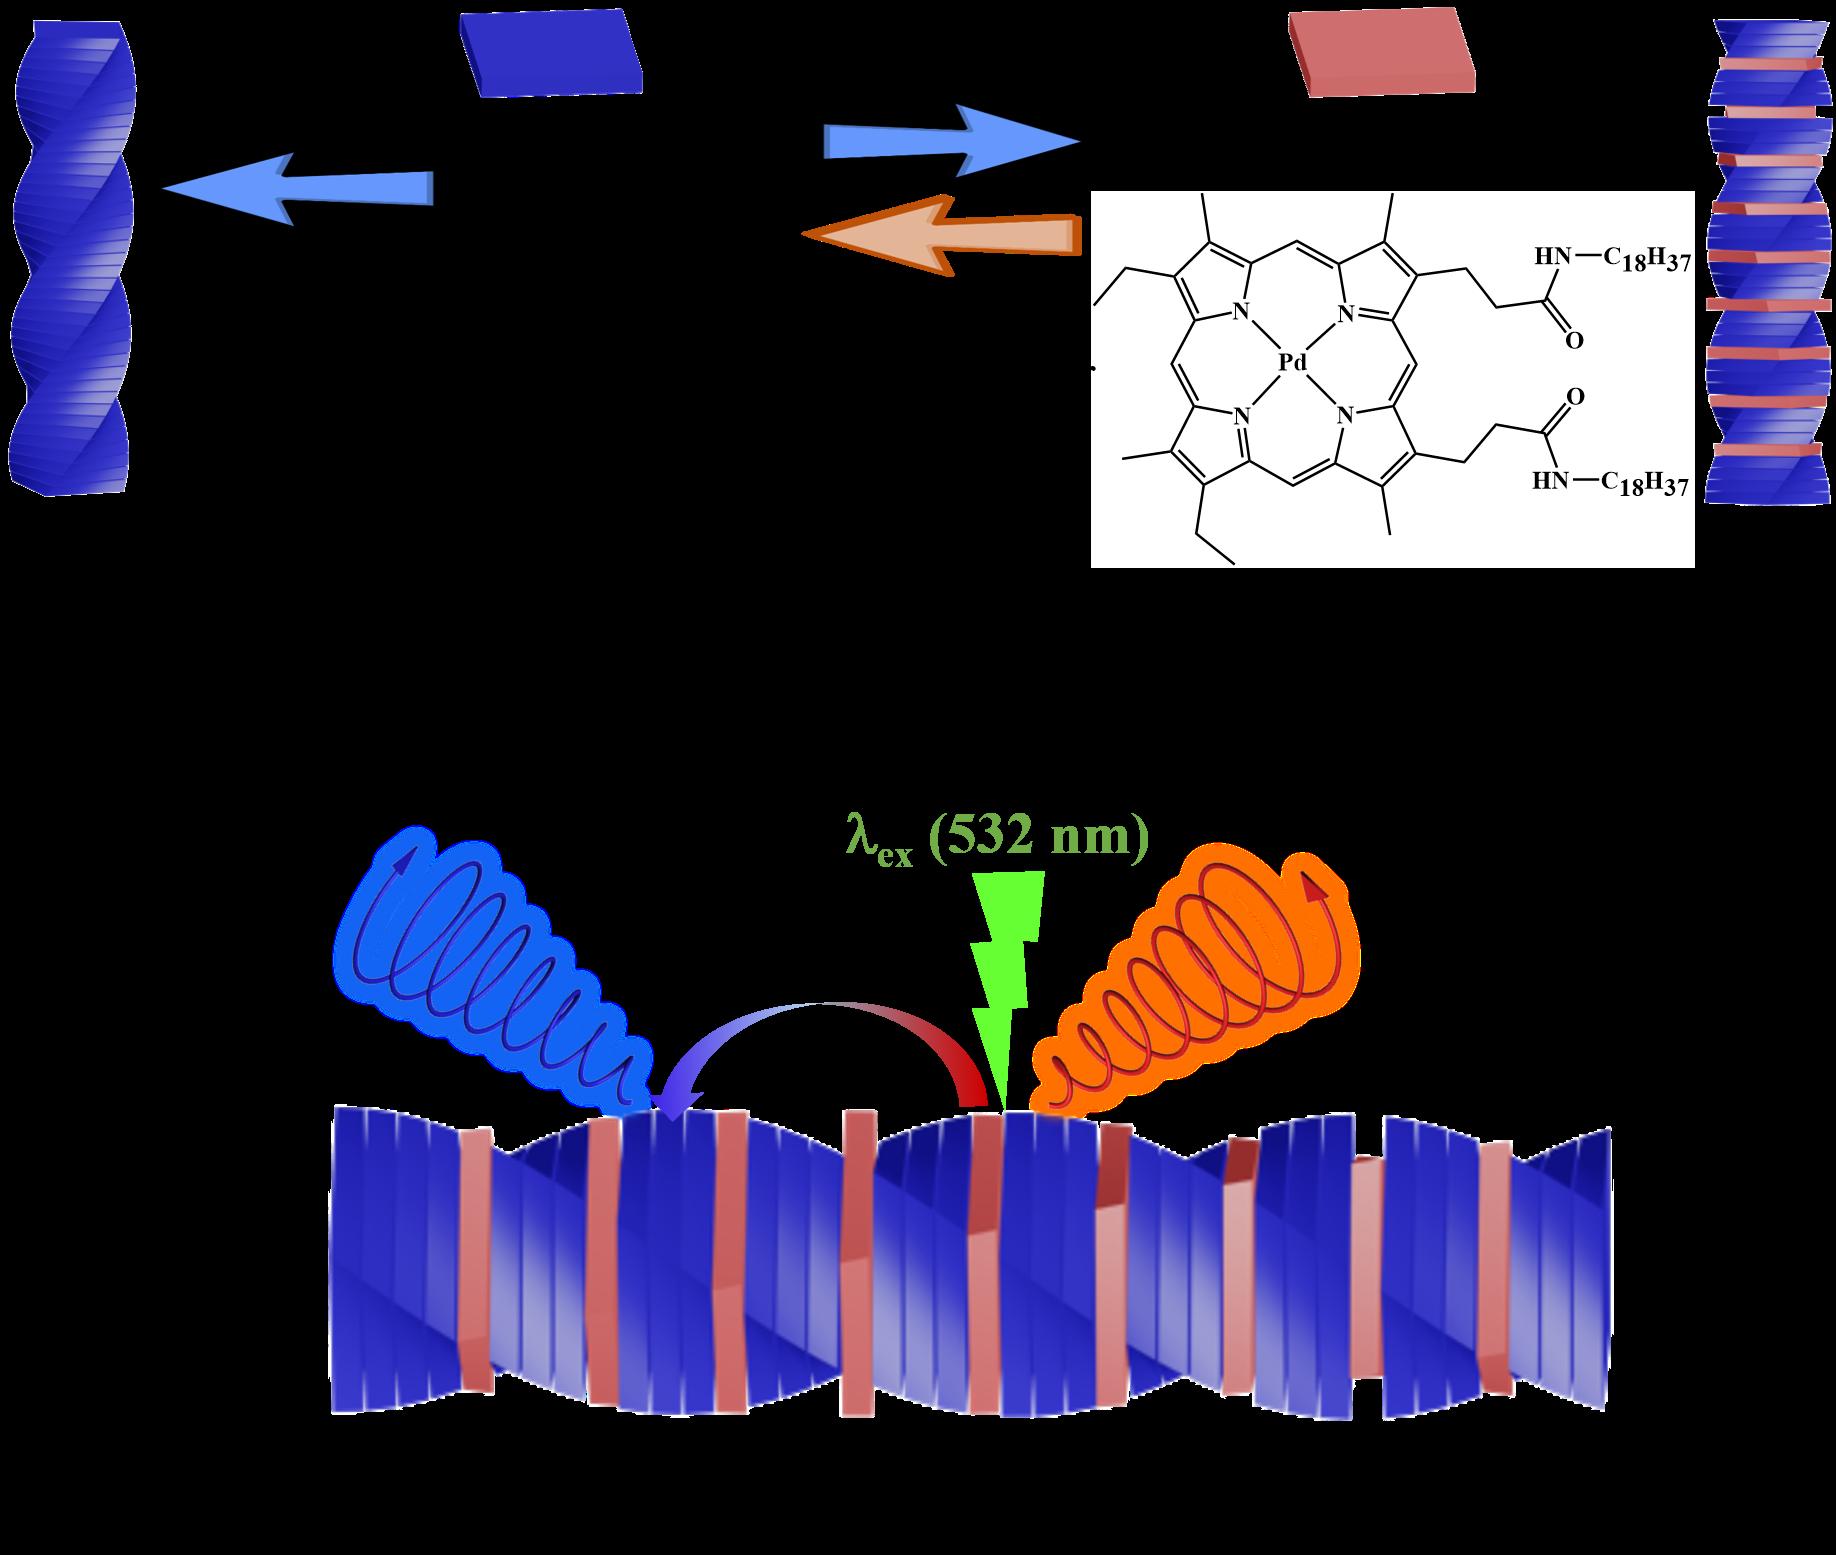 国家纳米中心在分子组装体系上转换圆偏振发光领域取得进展